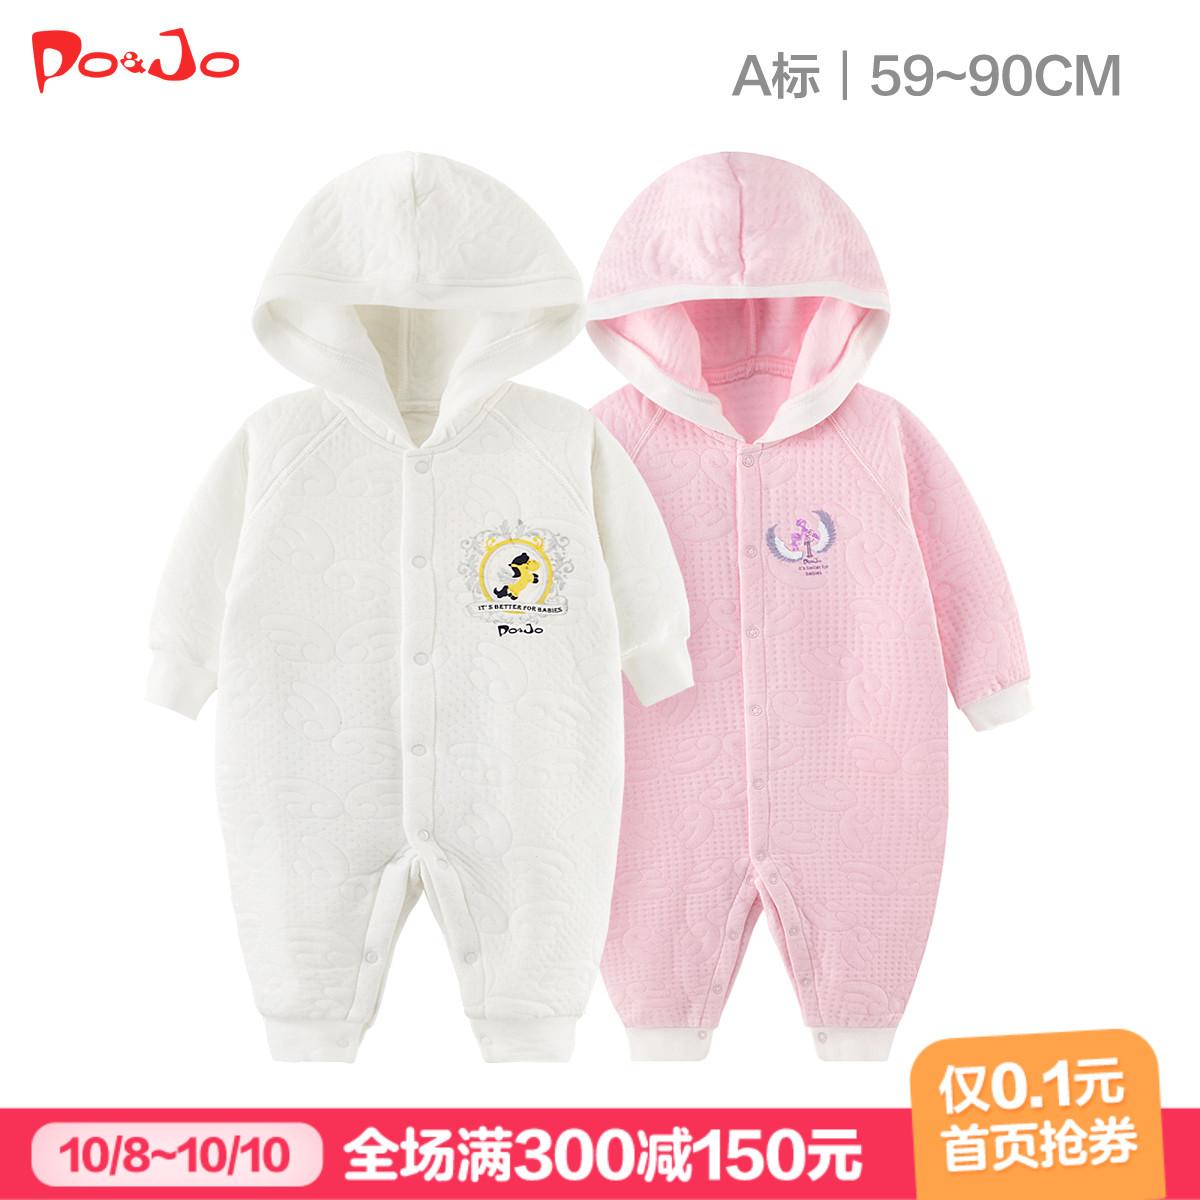 皮偌乔秋冬装婴儿衣服宝宝男女哈衣11-29新券